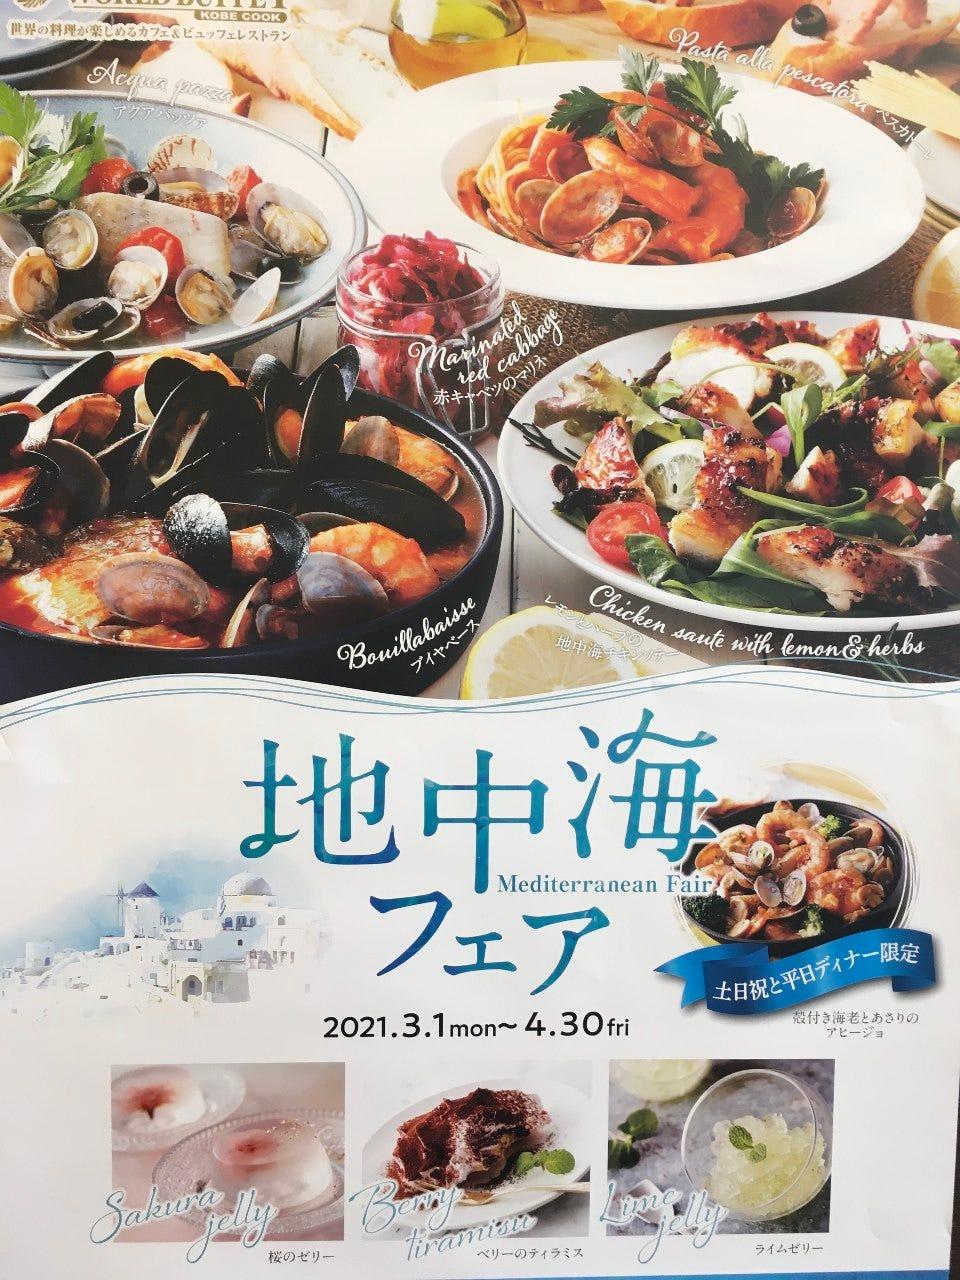 神戸クック・ワールドビュッフェ 野々市店